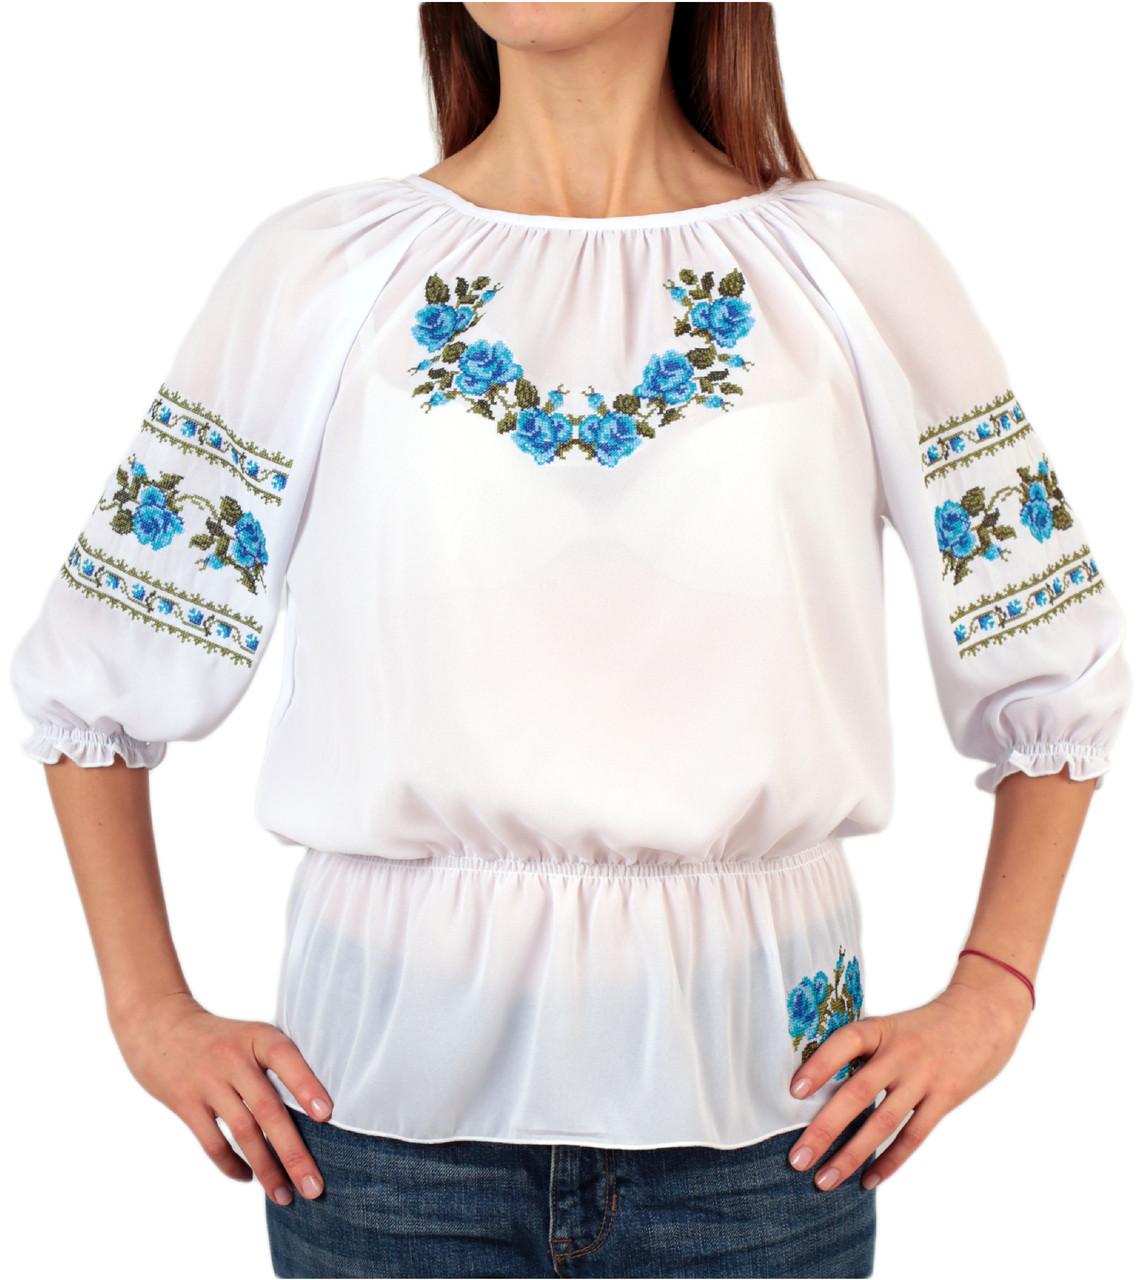 Жіноча шифонова блузка білого кольору з голубим орнаментом на короткий рукав